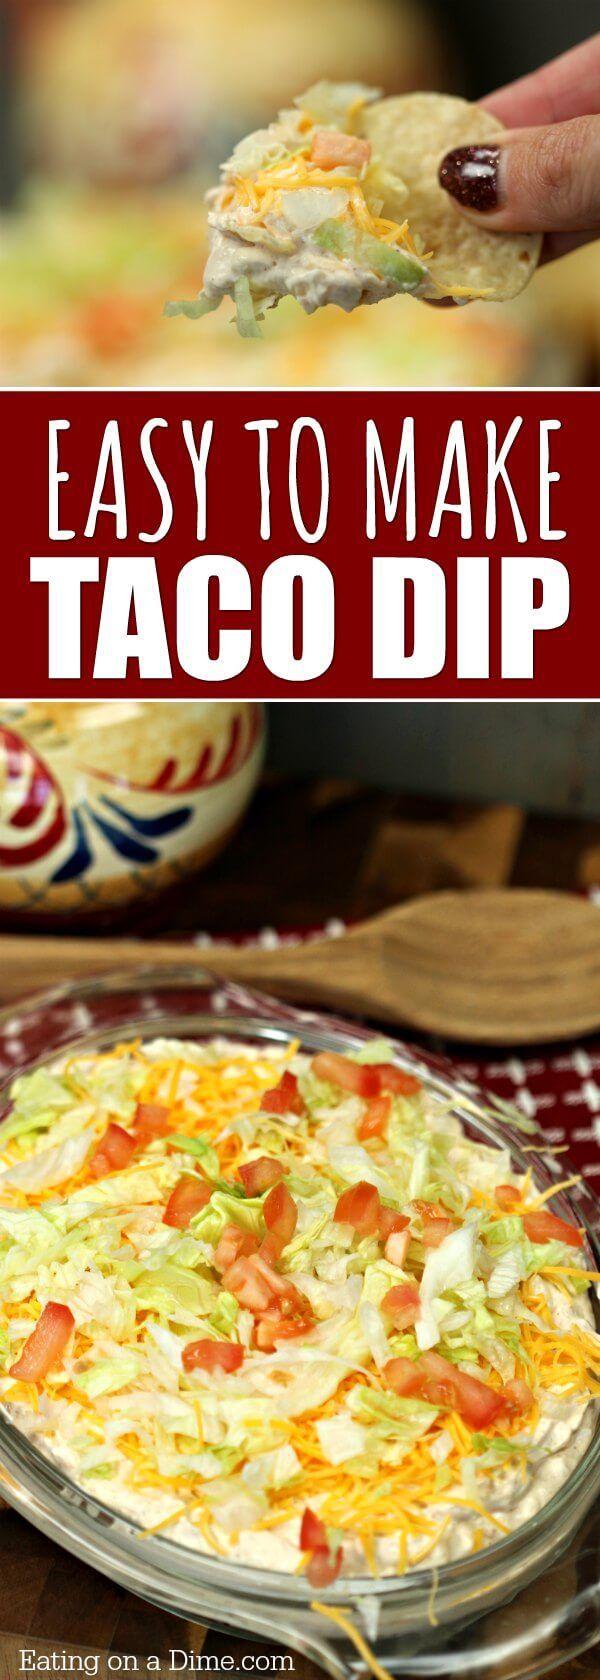 Best Taco dip Recipe - Easy Taco dip recipe - Simple Taco dip recipe